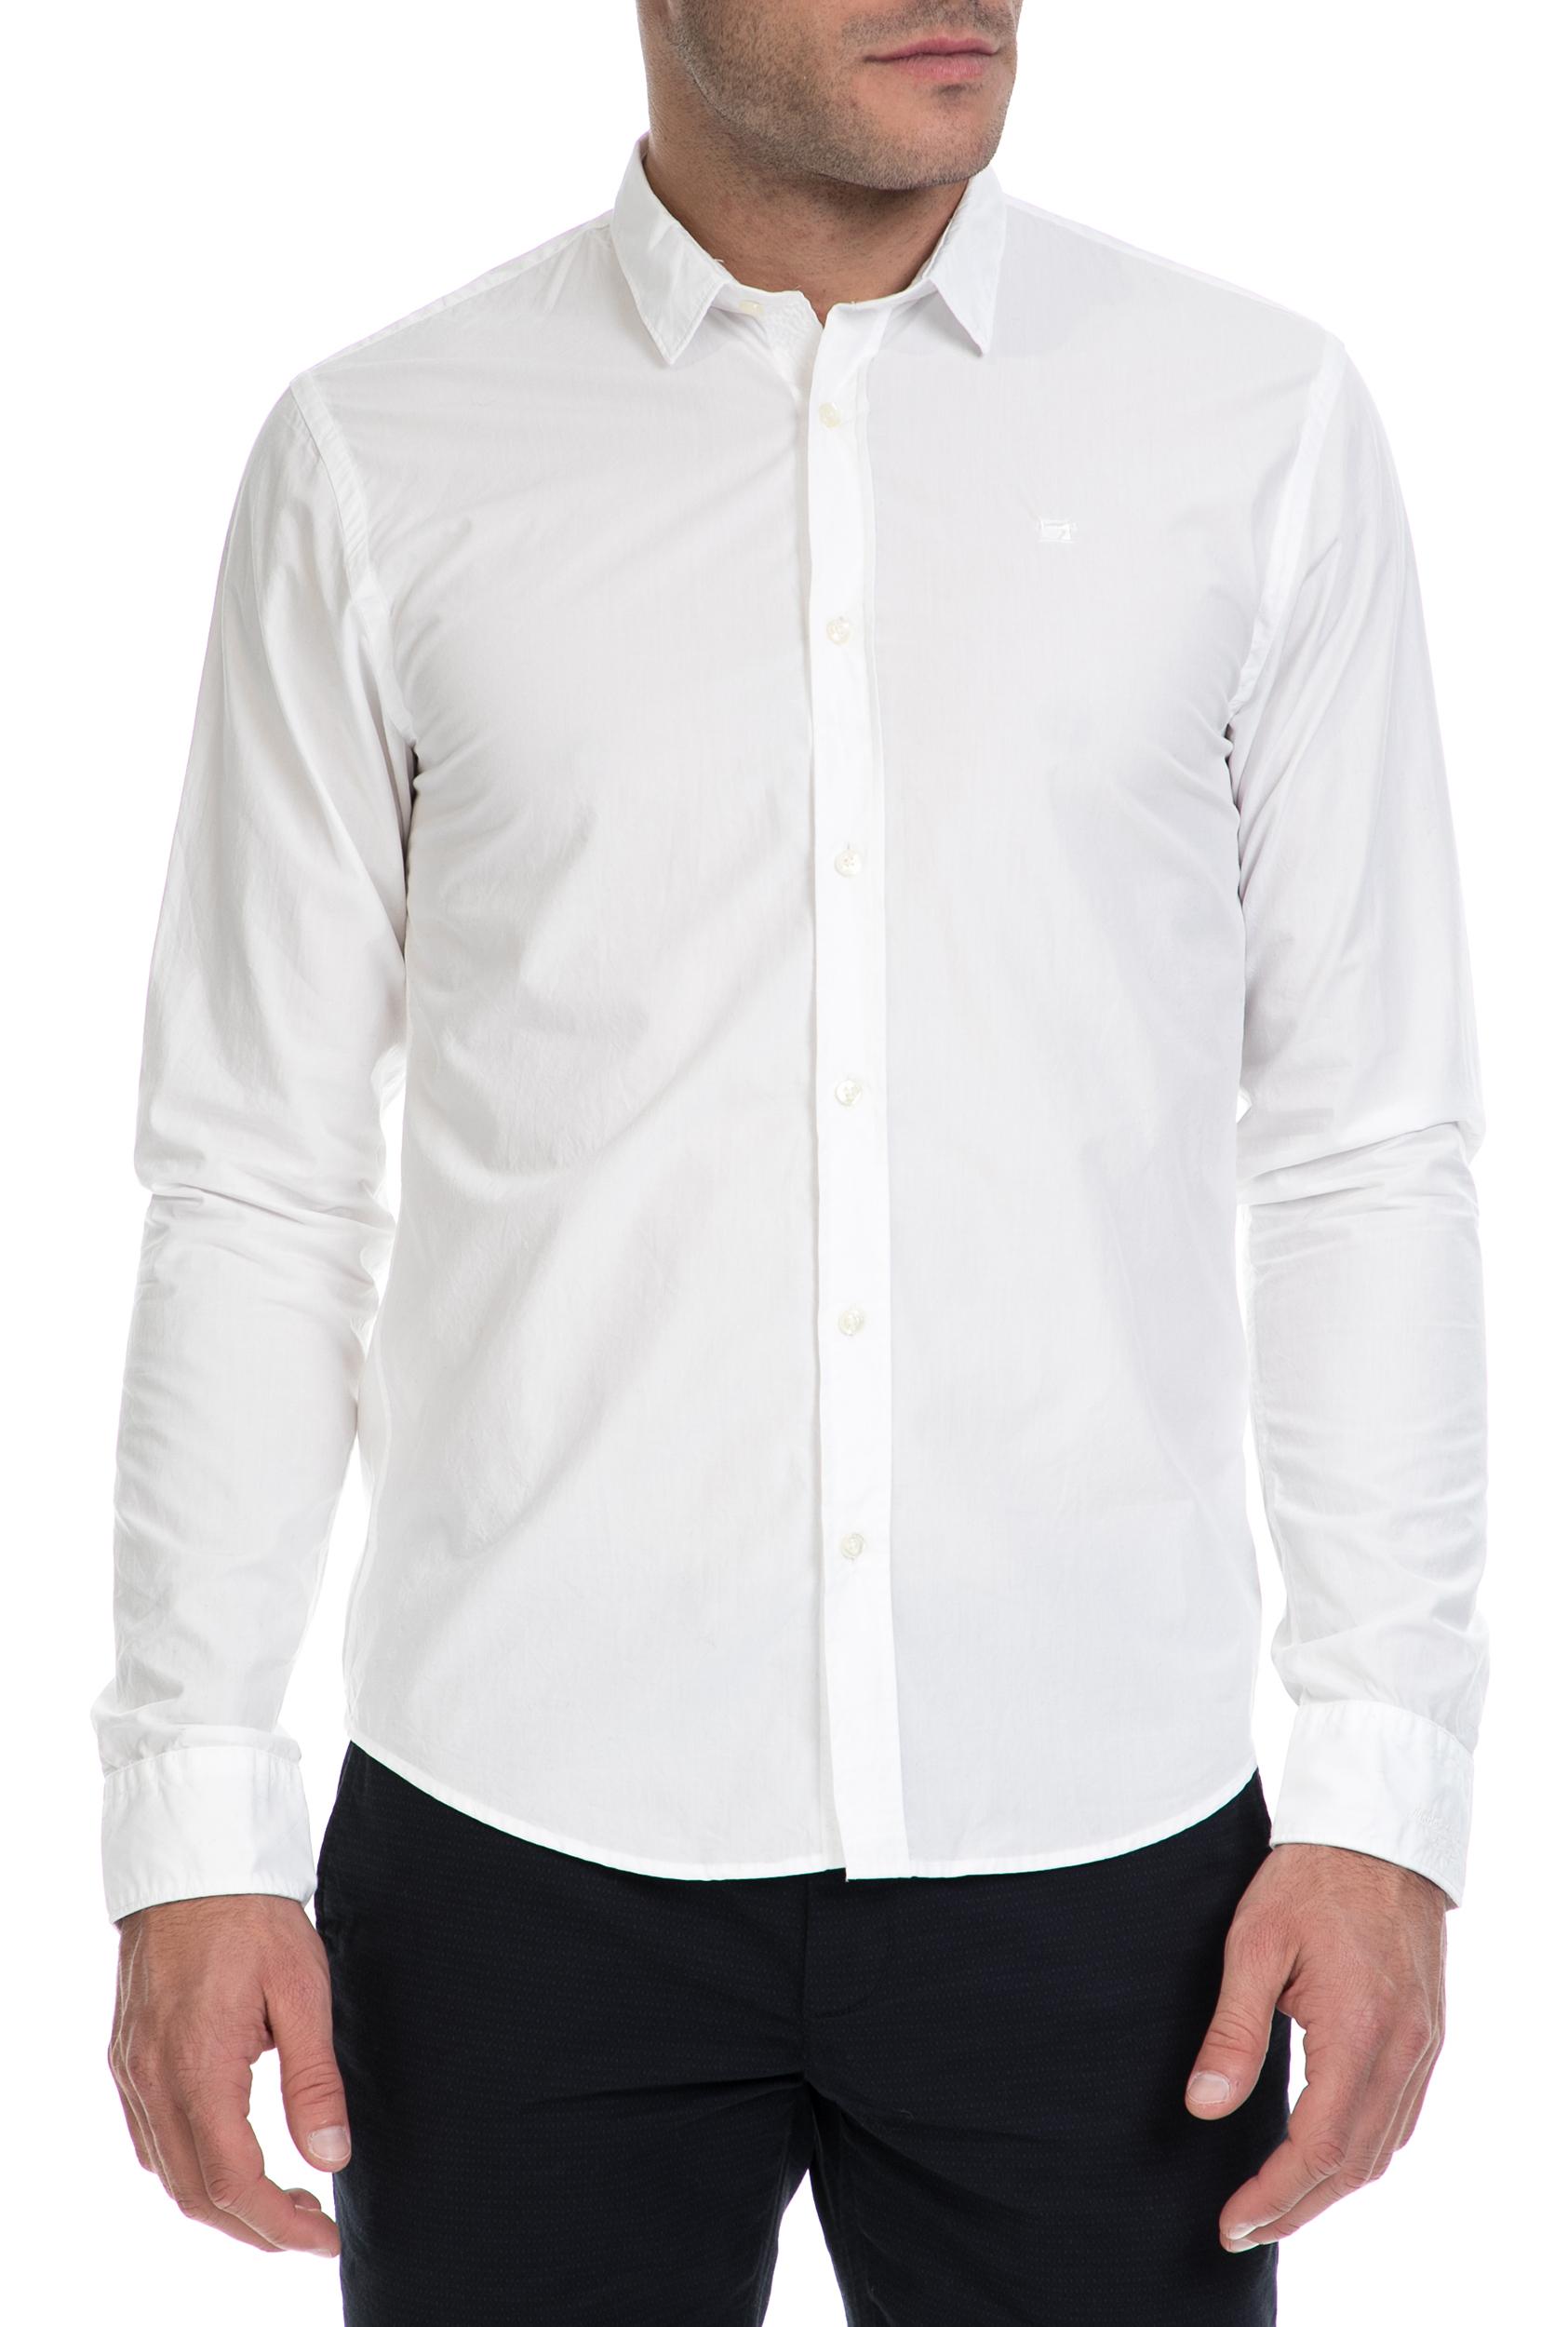 SCOTCH & SODA – Ανδρικό πουκάμισο SCOTCH & SODA λευκό